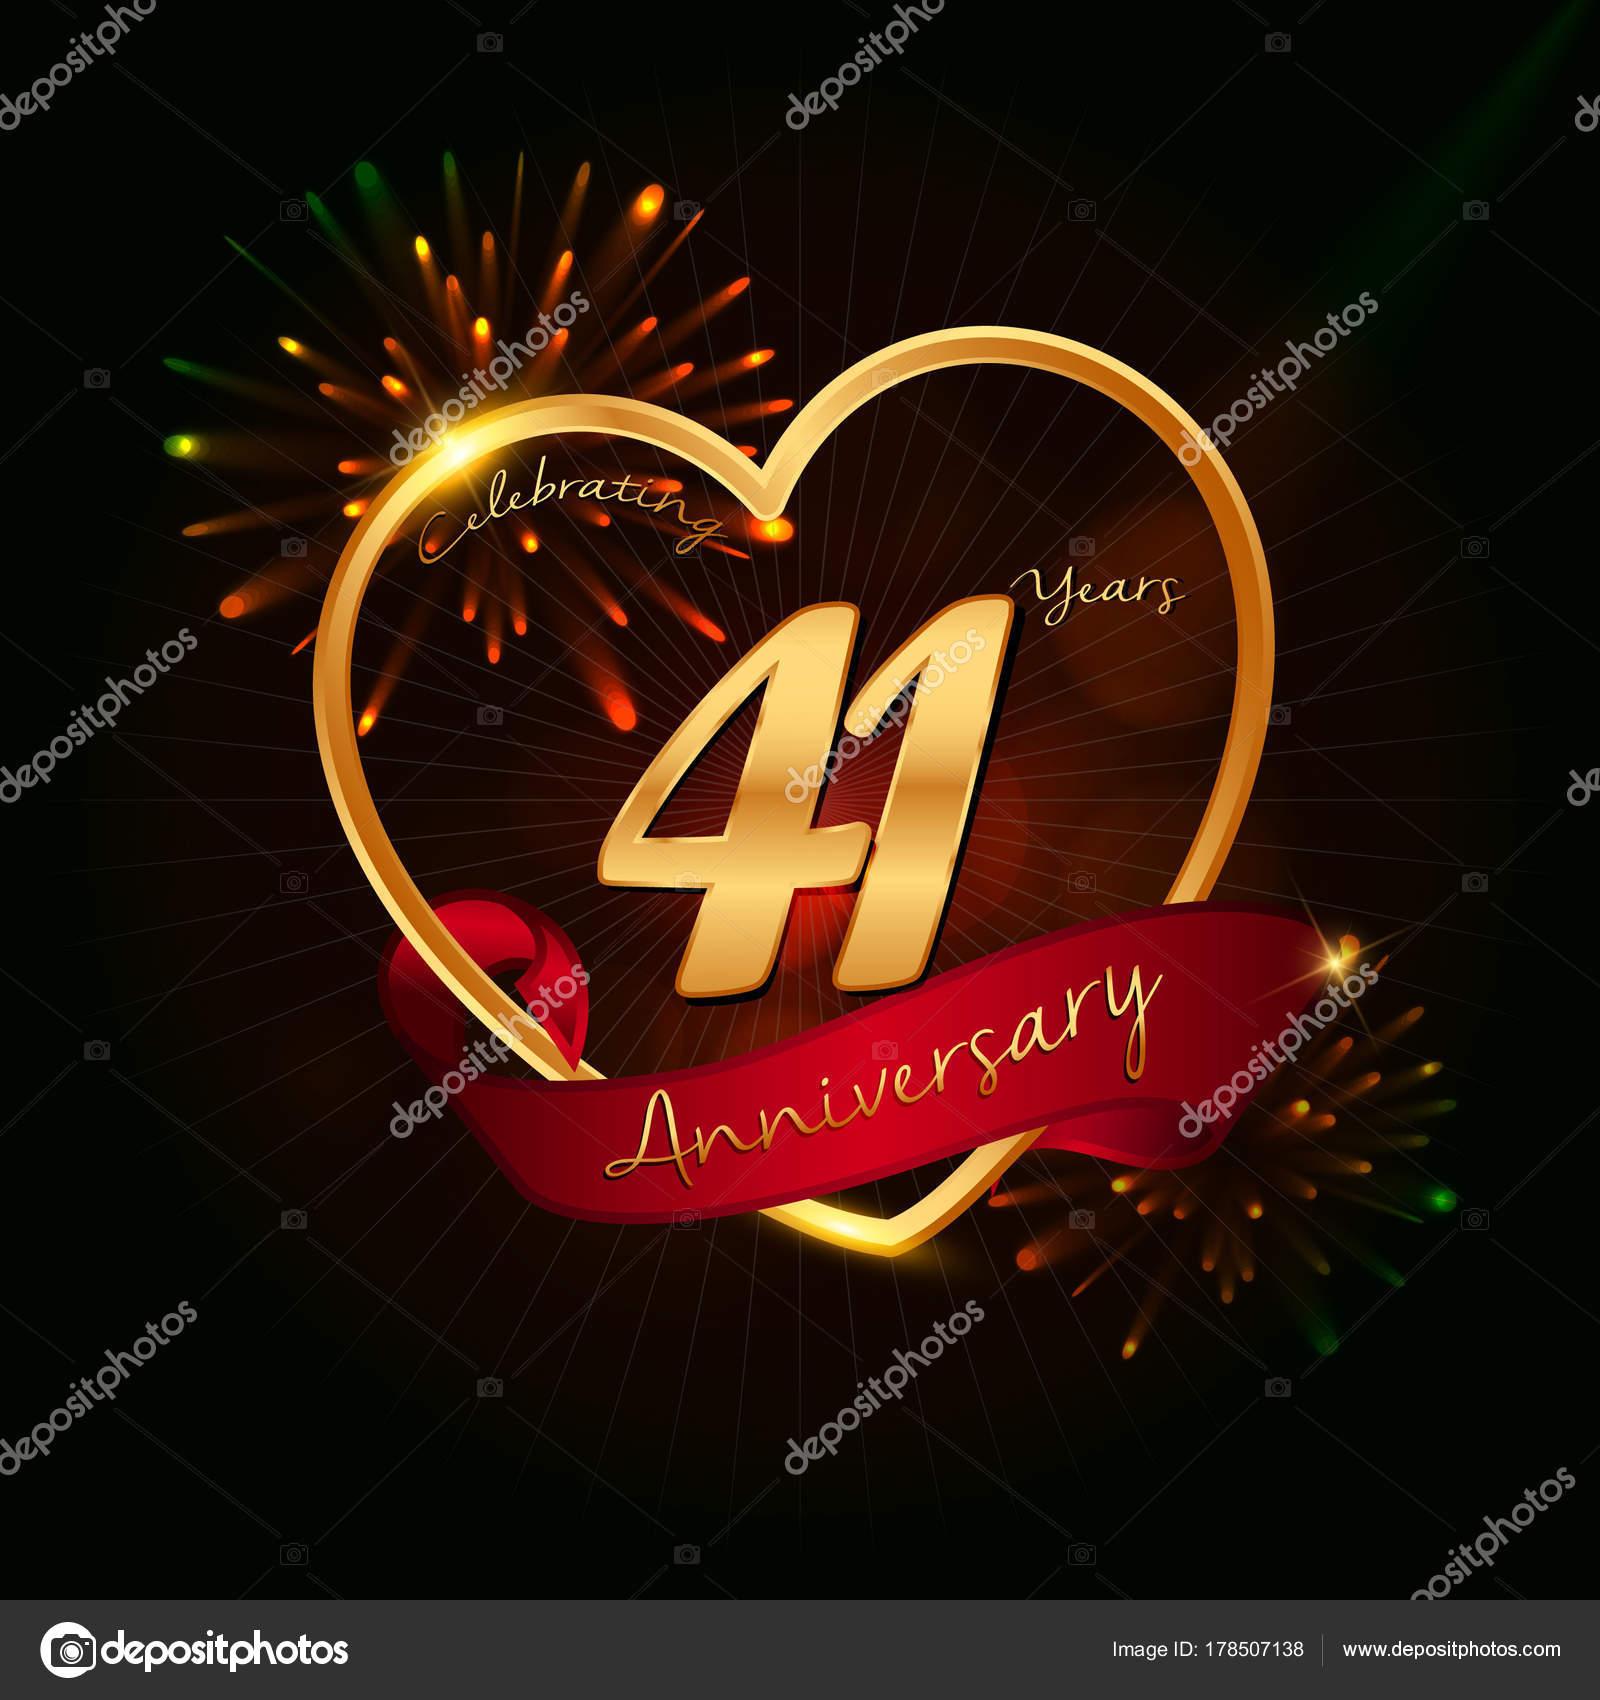 Anniversario Matrimonio 41 Anni.41 Years Anniversary Logo Stock Vector C Seklihermantaputra